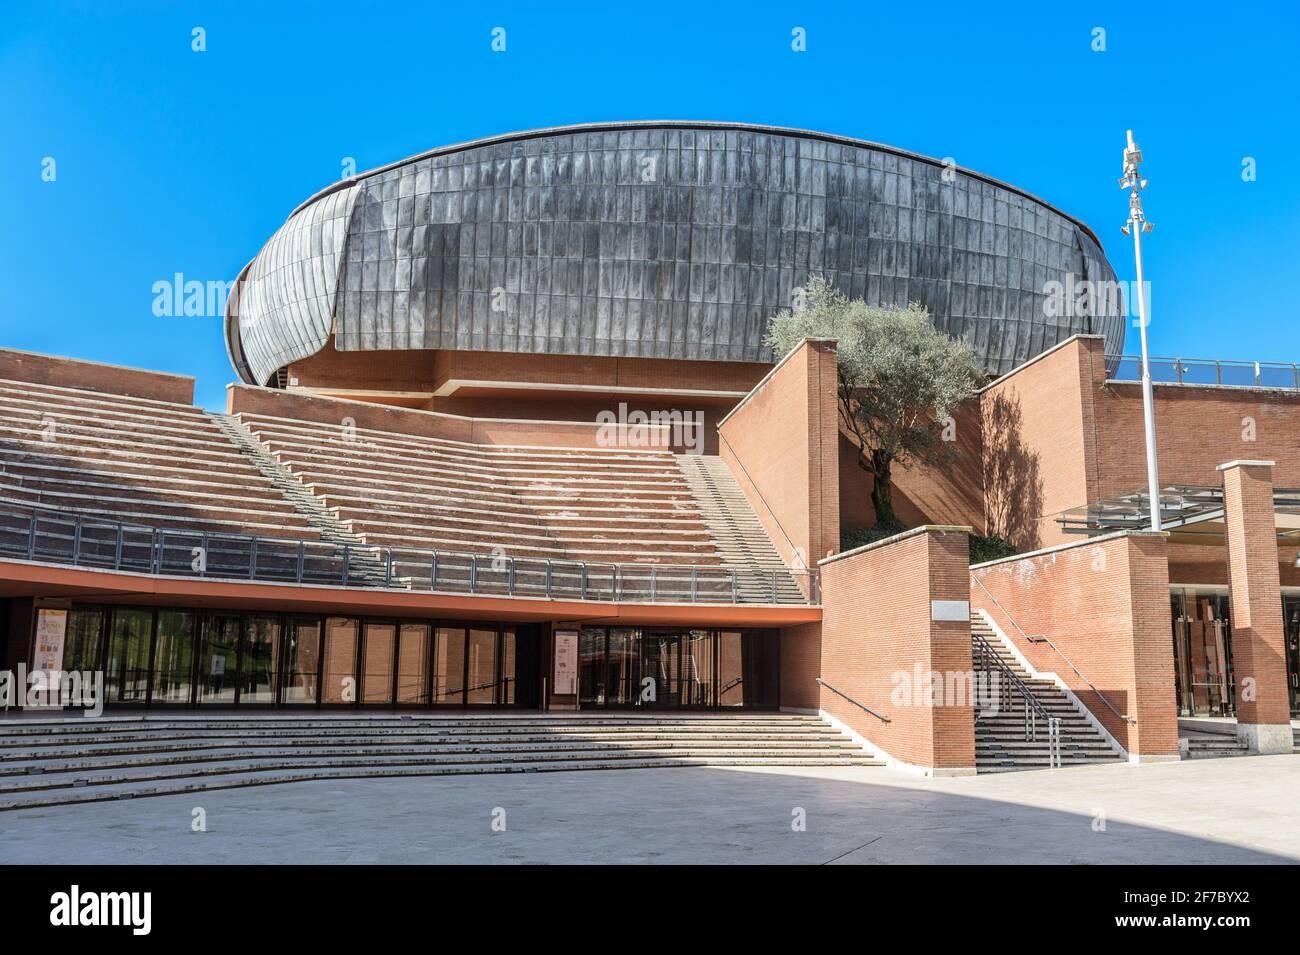 Auditorium Parco della Musica is a large multi-functional public music complex, designed by Italian architect Renzo Piano, Rome, Lazio, Italy, Europe Stock Photo